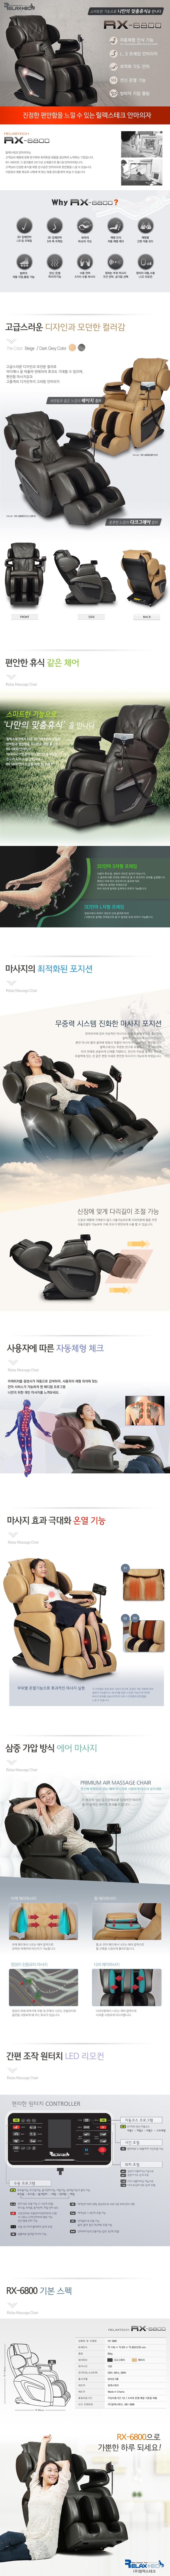 RX6800.jpg